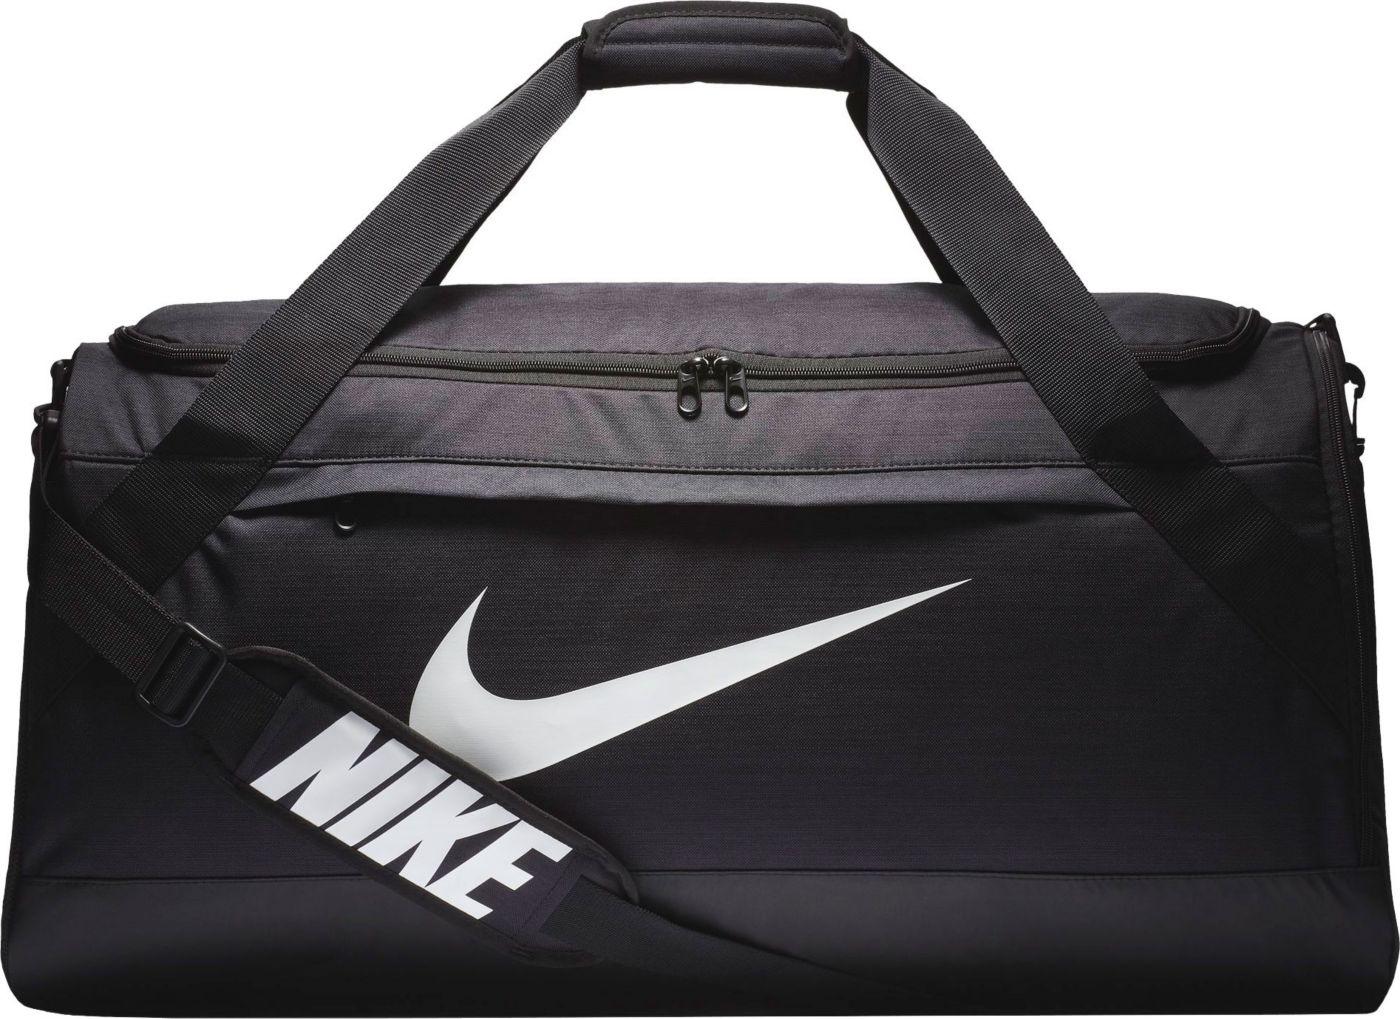 Nike Brasilia Large Training Duffle Bag